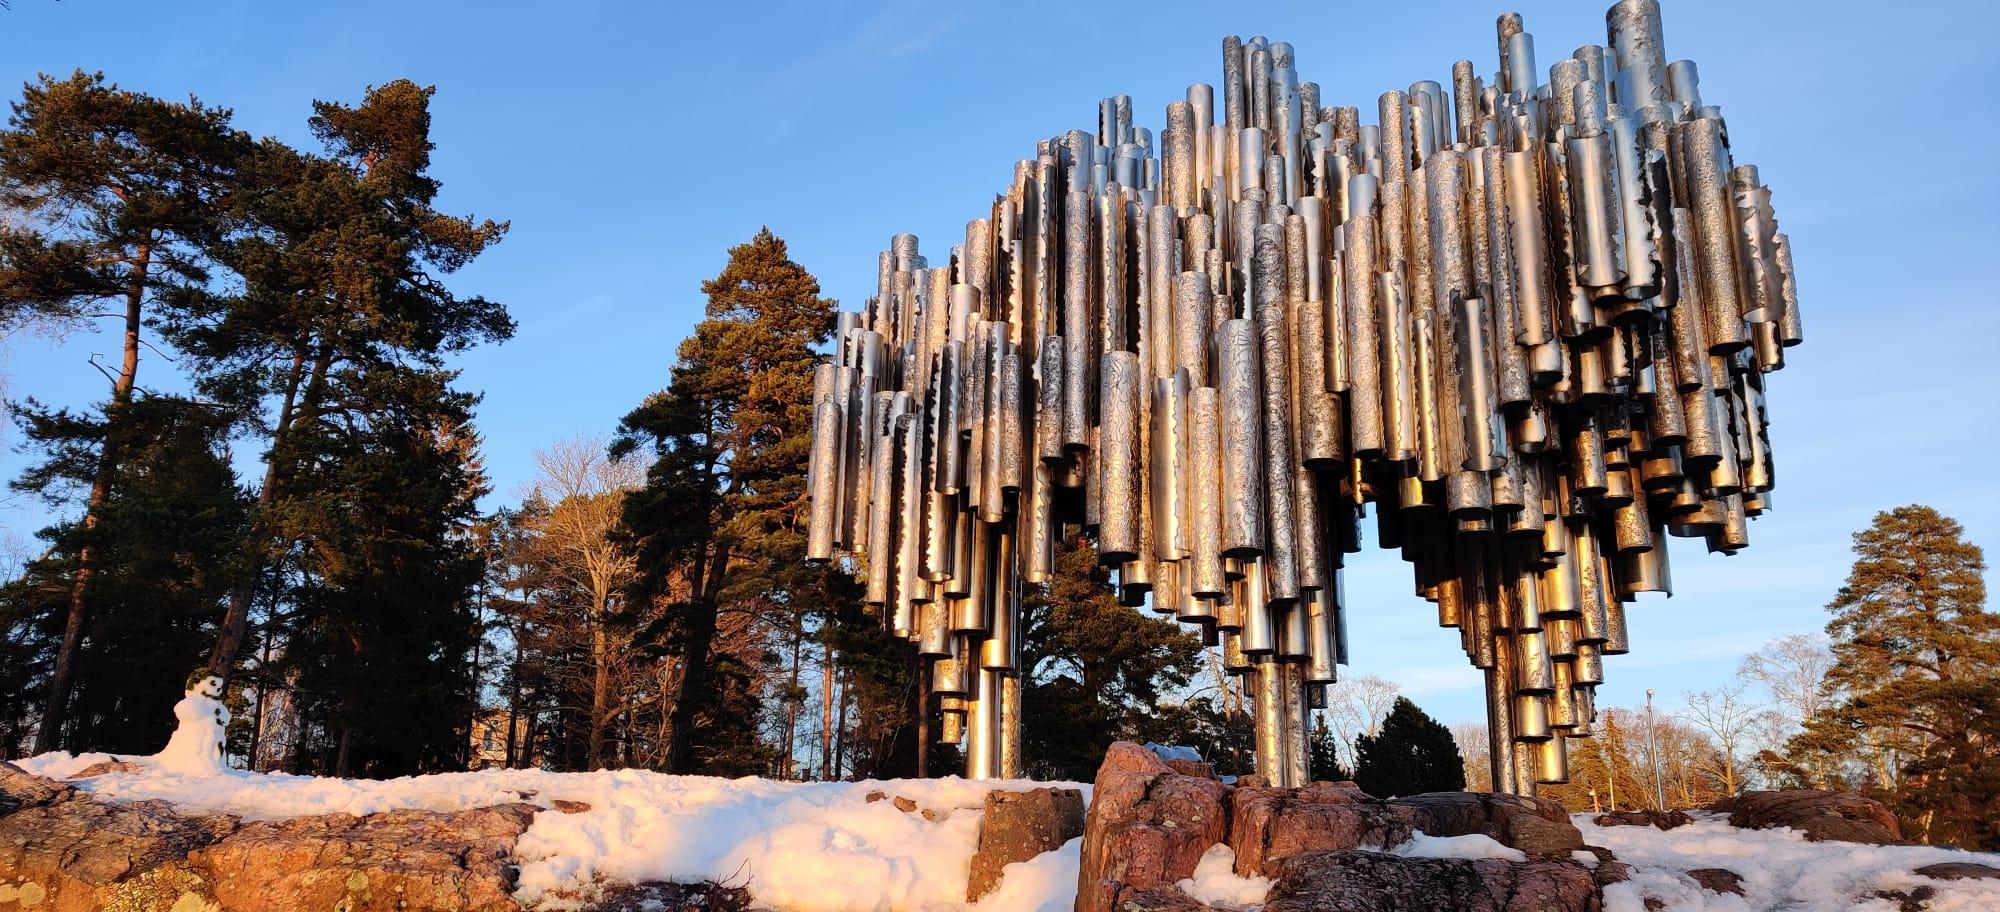 Monumento a Sibelius situado en el parque de Sibelius